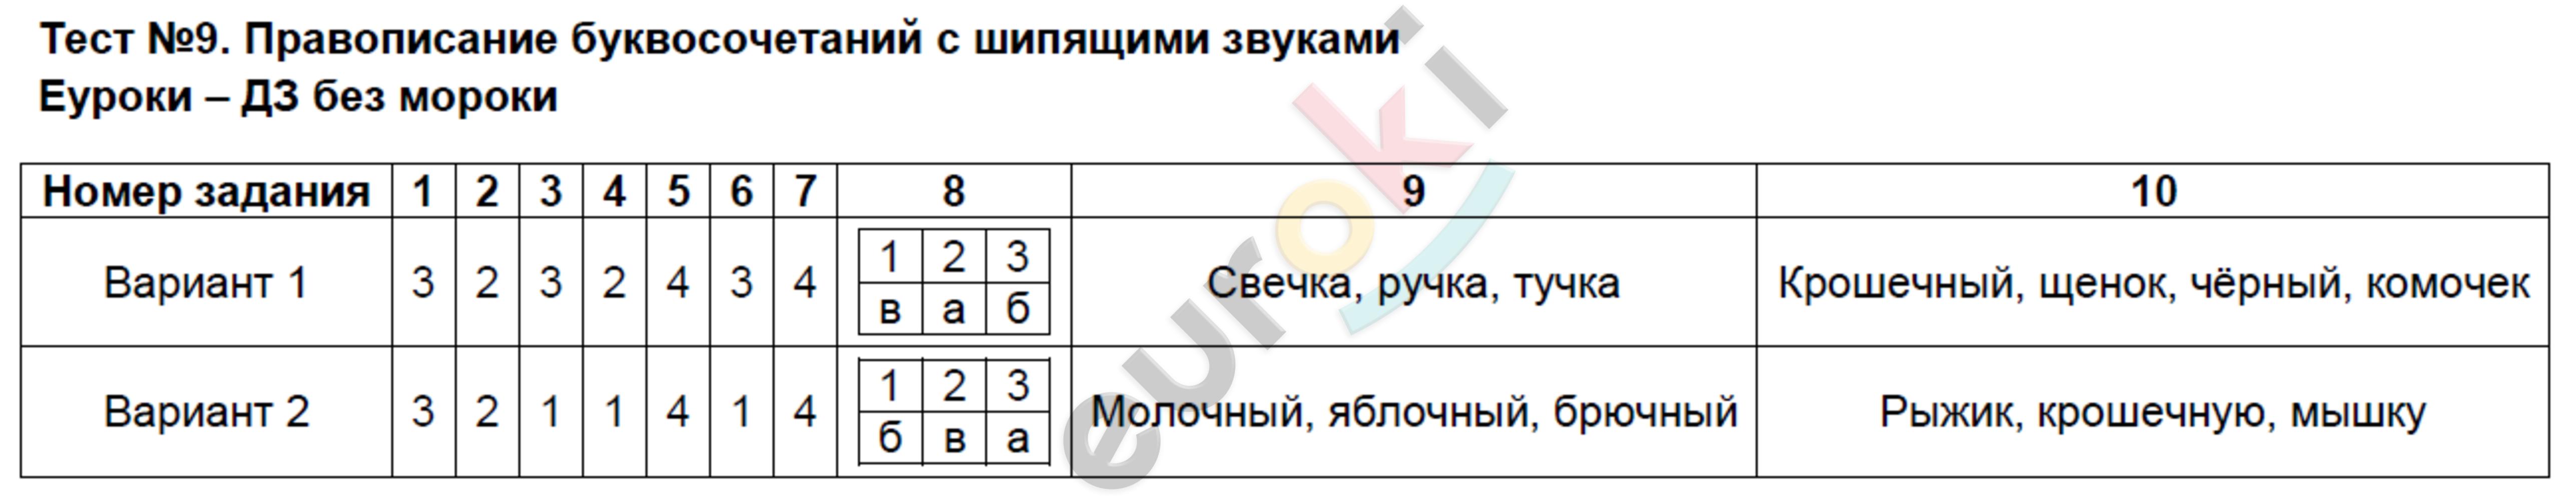 ГДЗ по русскому языку 2 класс контрольно-измерительные материалы Яценко. Задание: Тест 9. Правописание буквосочетаний с шипящими звуками